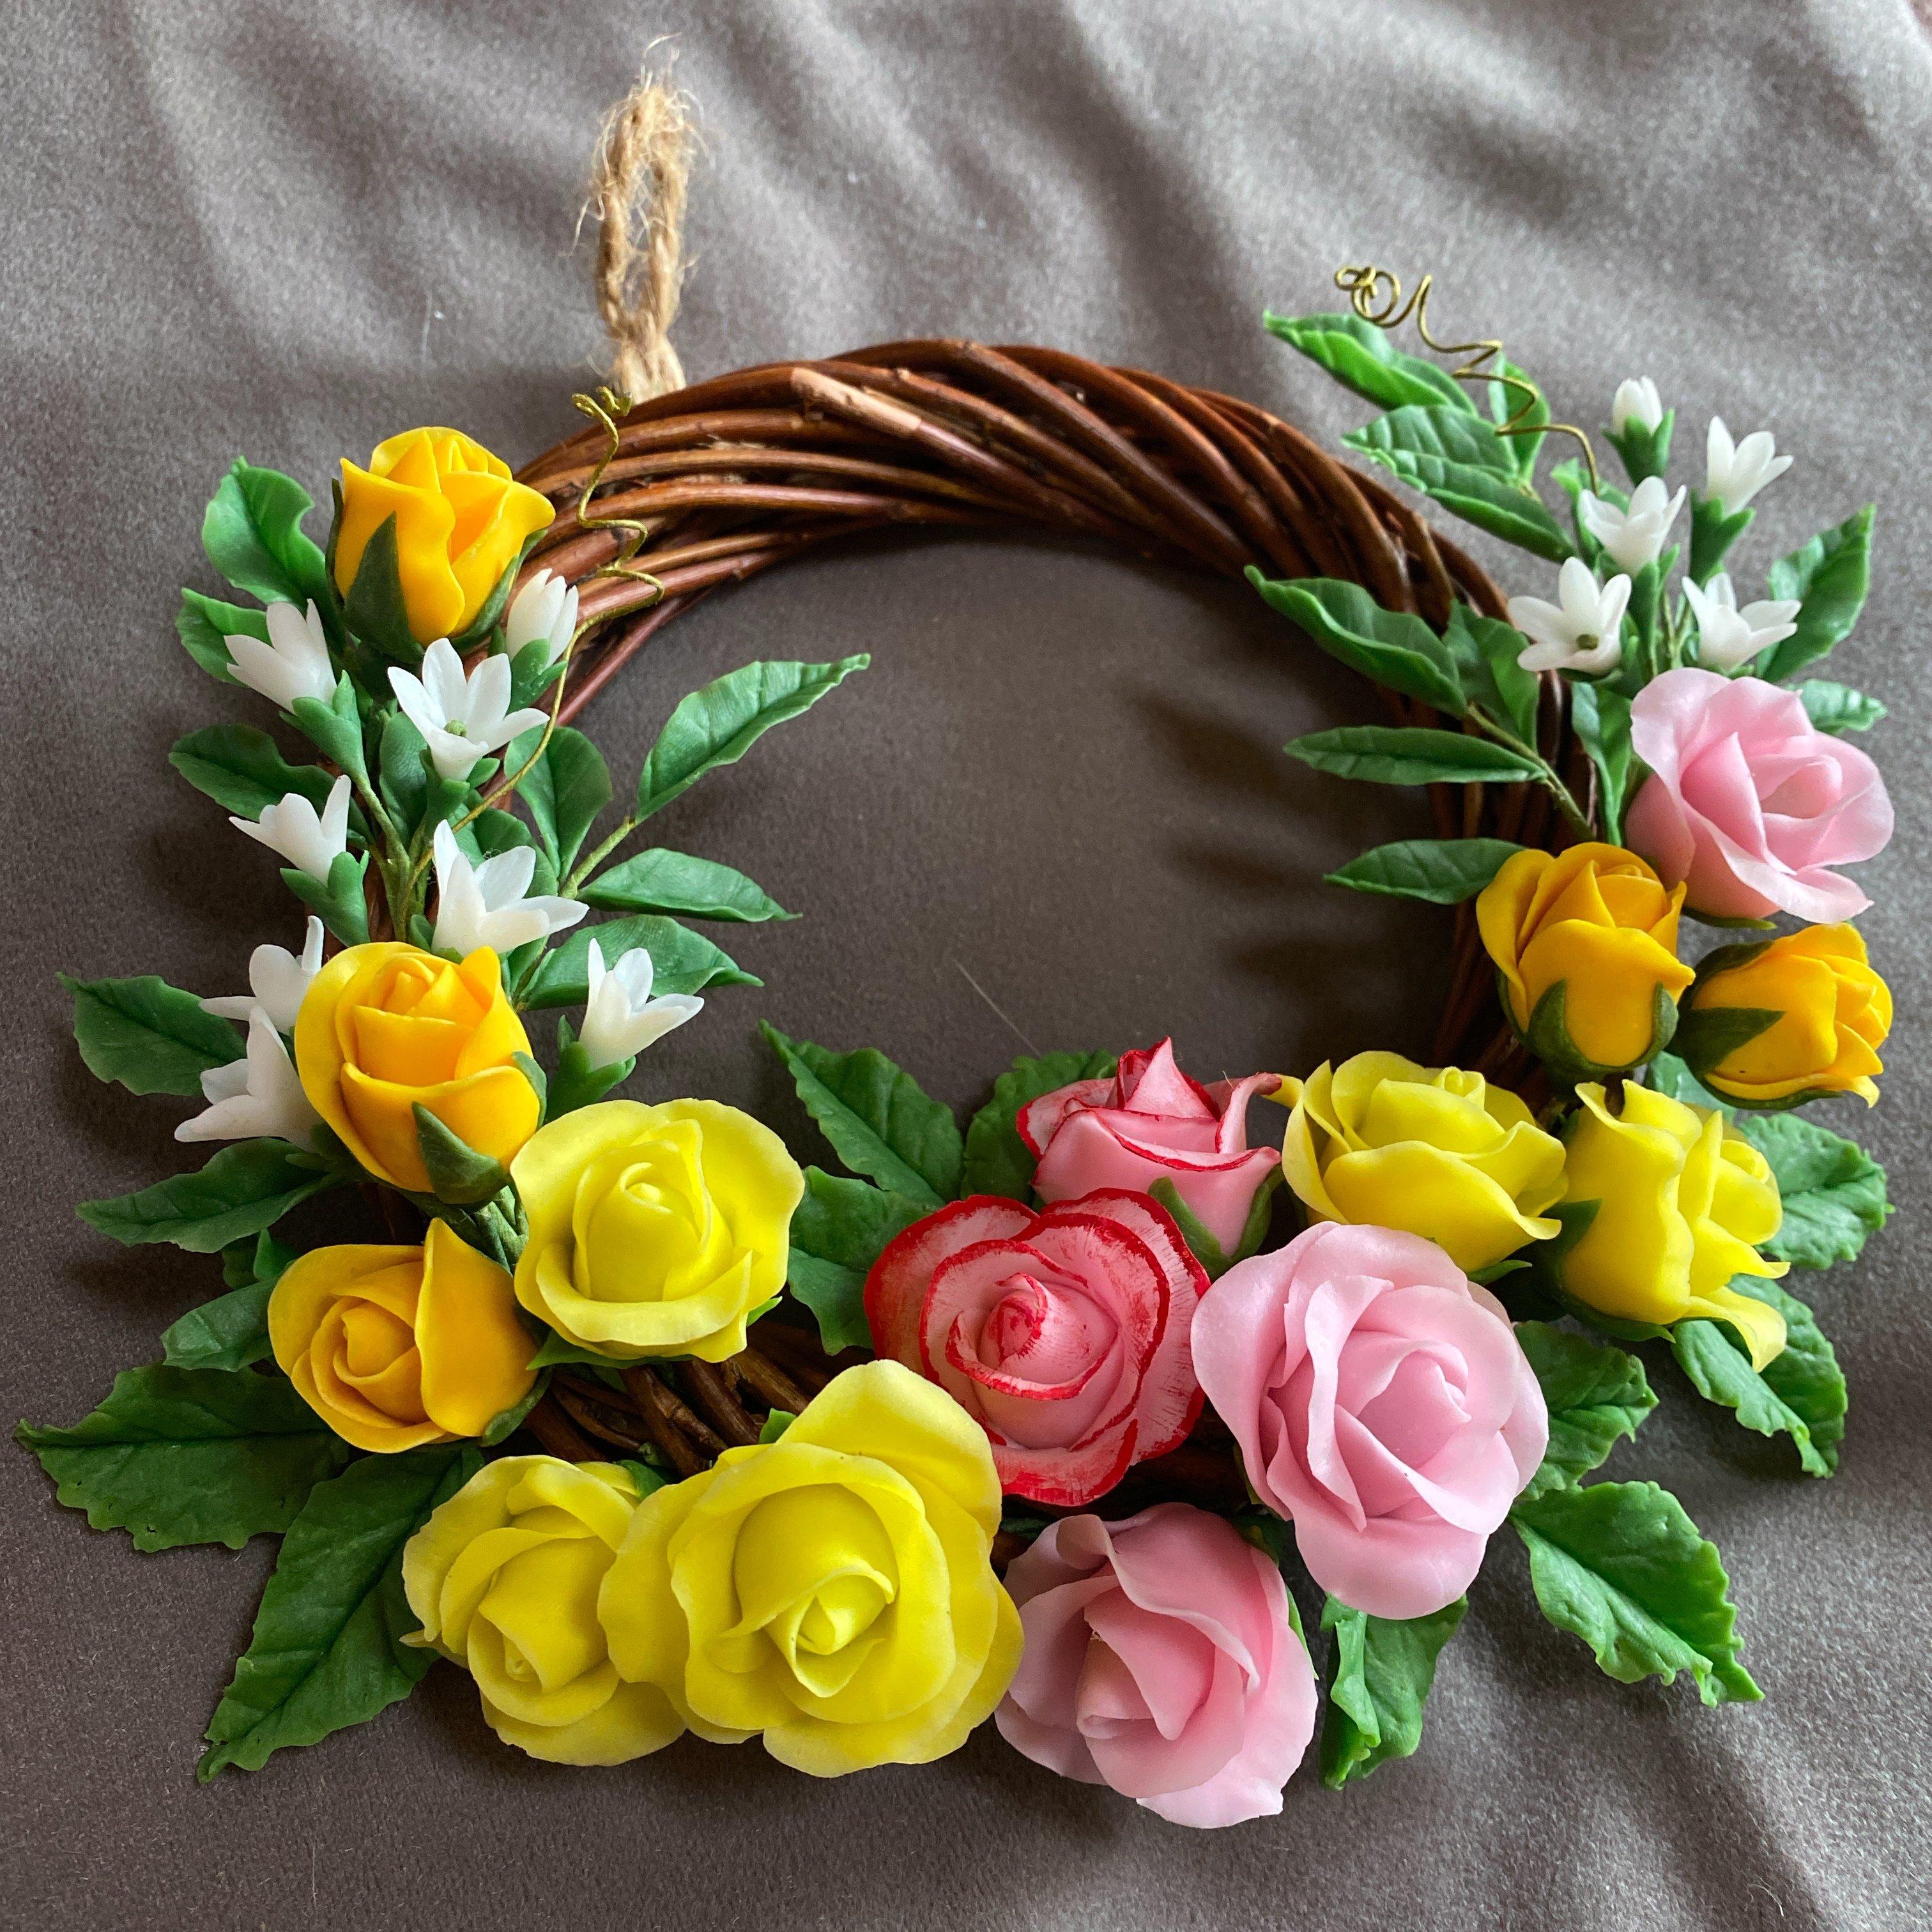 ハンドメイド/クレイフラワー(粘土で作ったお花)/ミニバラのリース